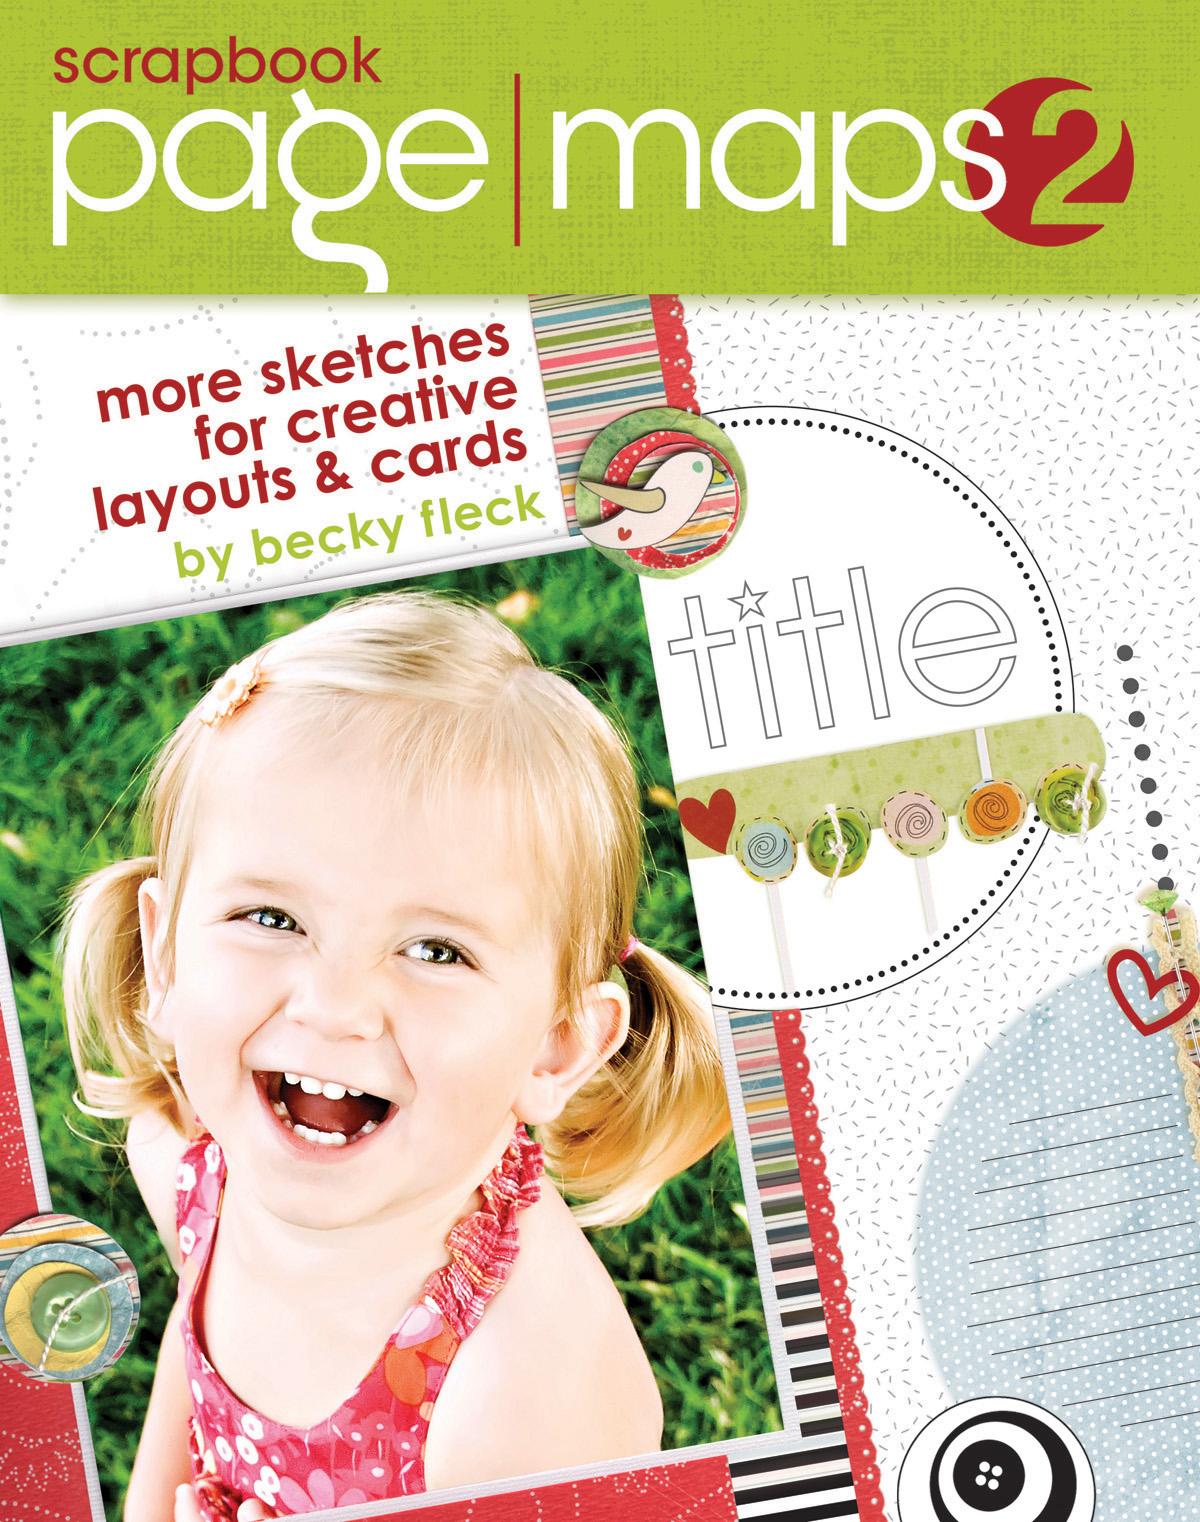 http://1.bp.blogspot.com/_KSnGfOQvXNM/TMWIyHX9GHI/AAAAAAAAAC4/5lherbbiYTY/s1600/PageMaps2_FINALCOVERsm.jpg